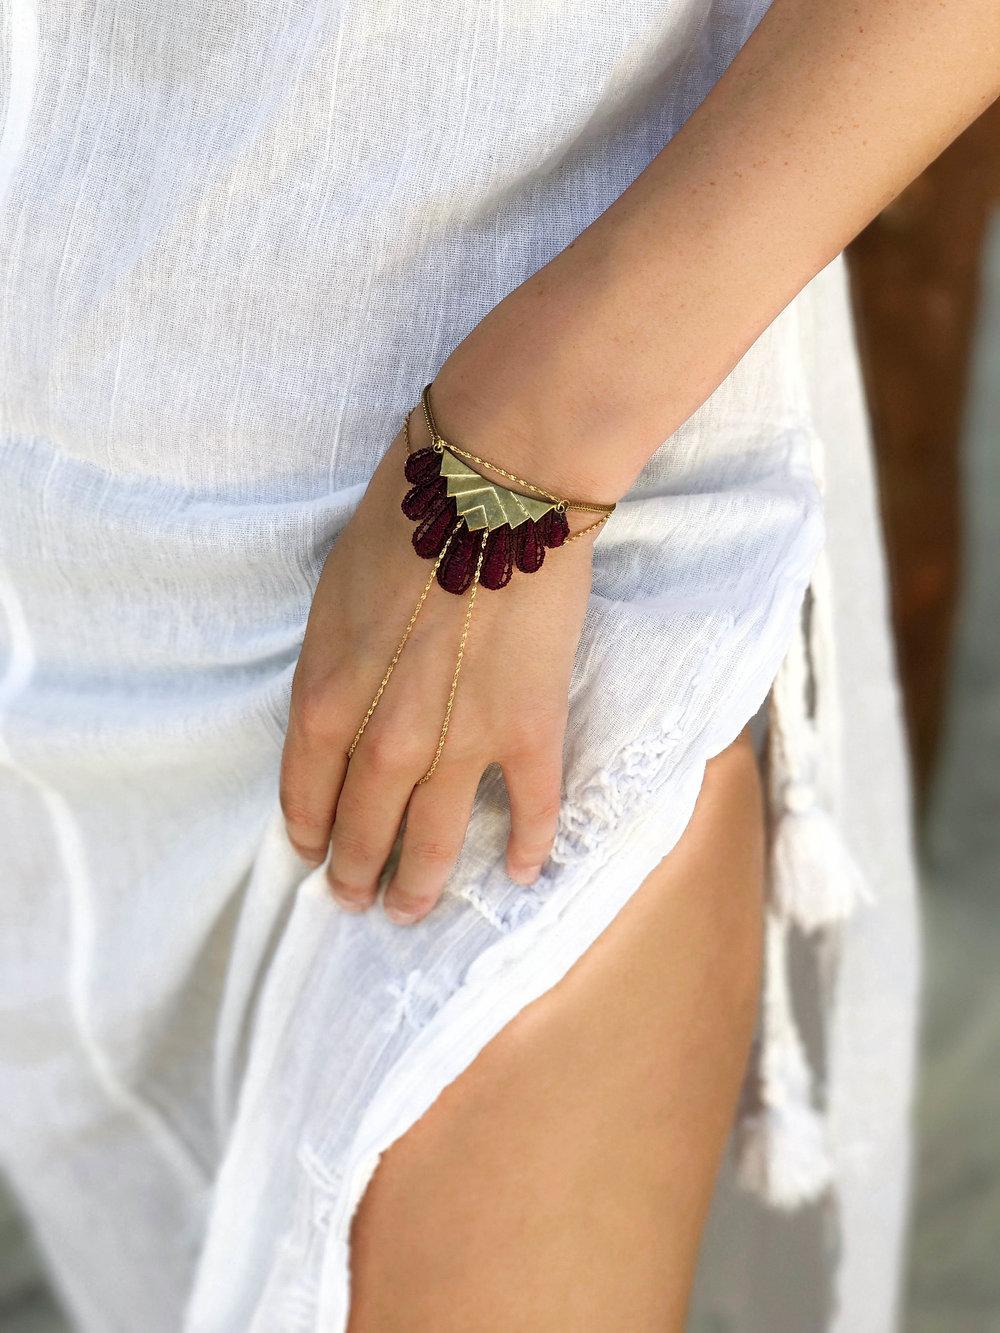 Hikuli bracelet (click here for details)